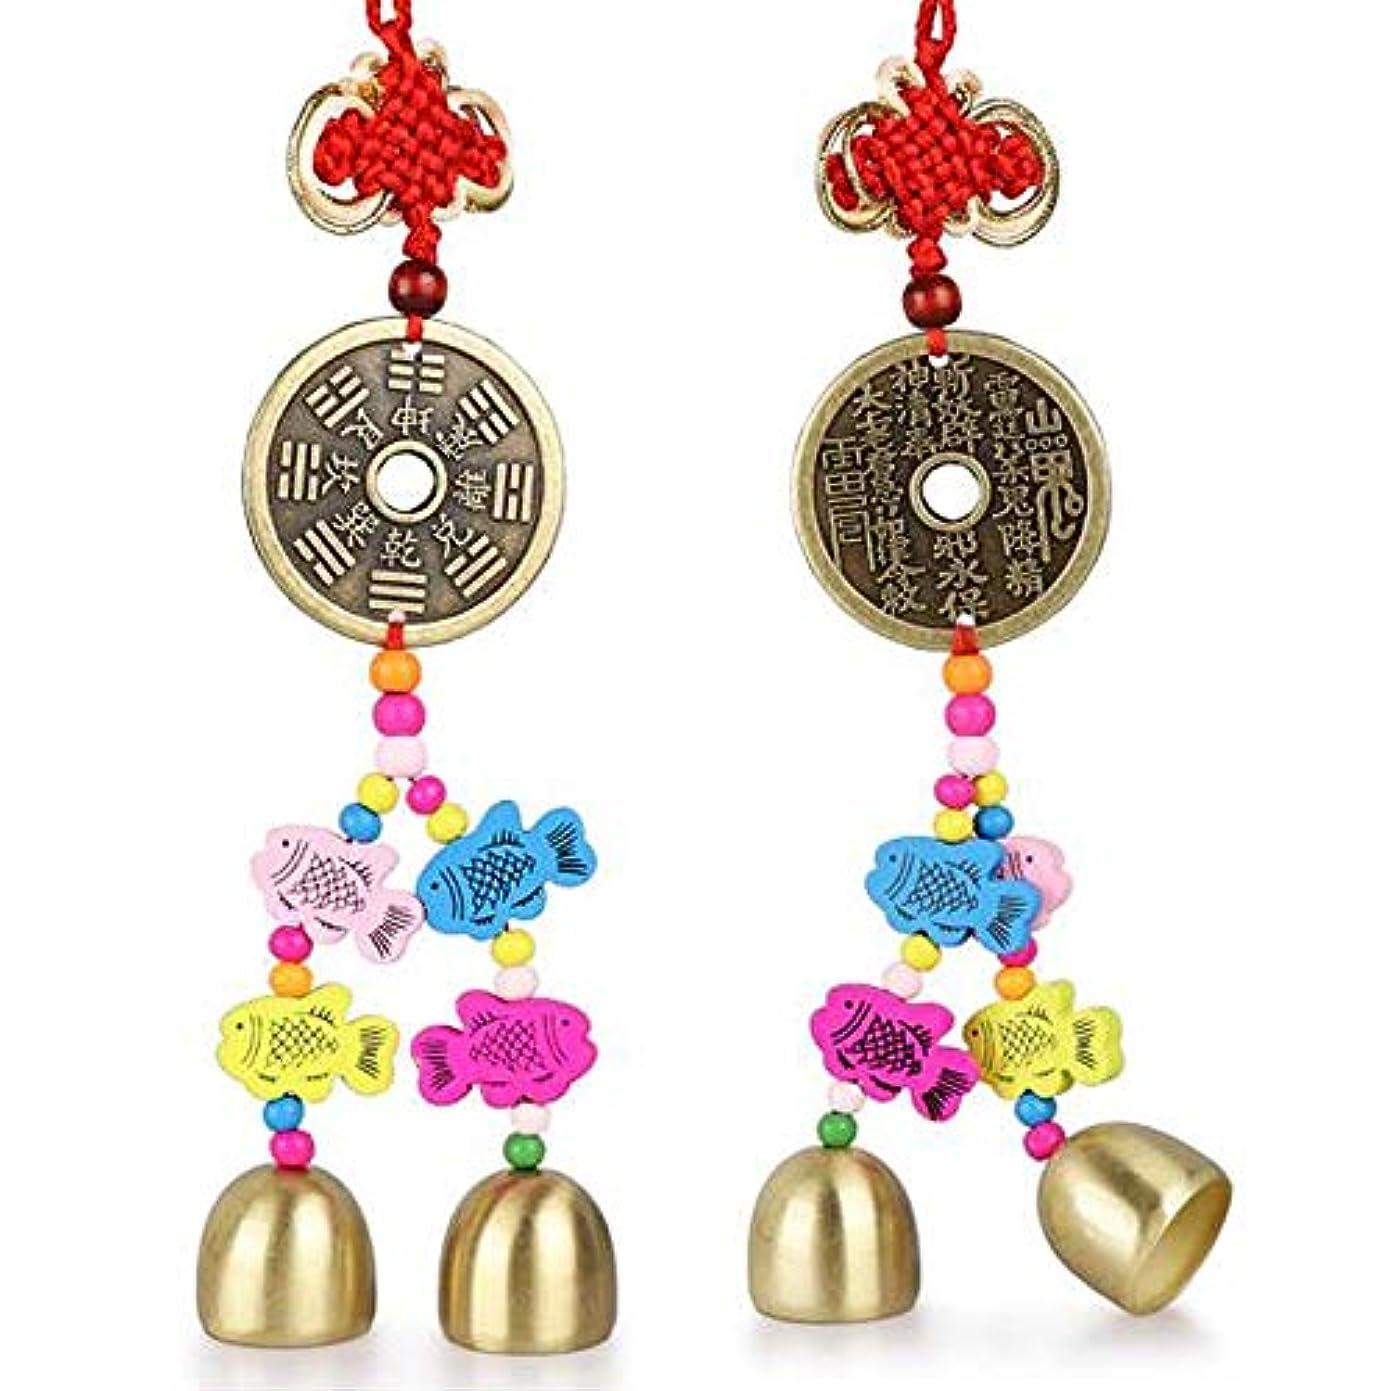 中国能力思い出Aishanghuayi 風チャイム、中国のノット銅鐘ホーム車の装飾、ゴールド、全長約31センチメートル,ファッションオーナメント (Color : C)